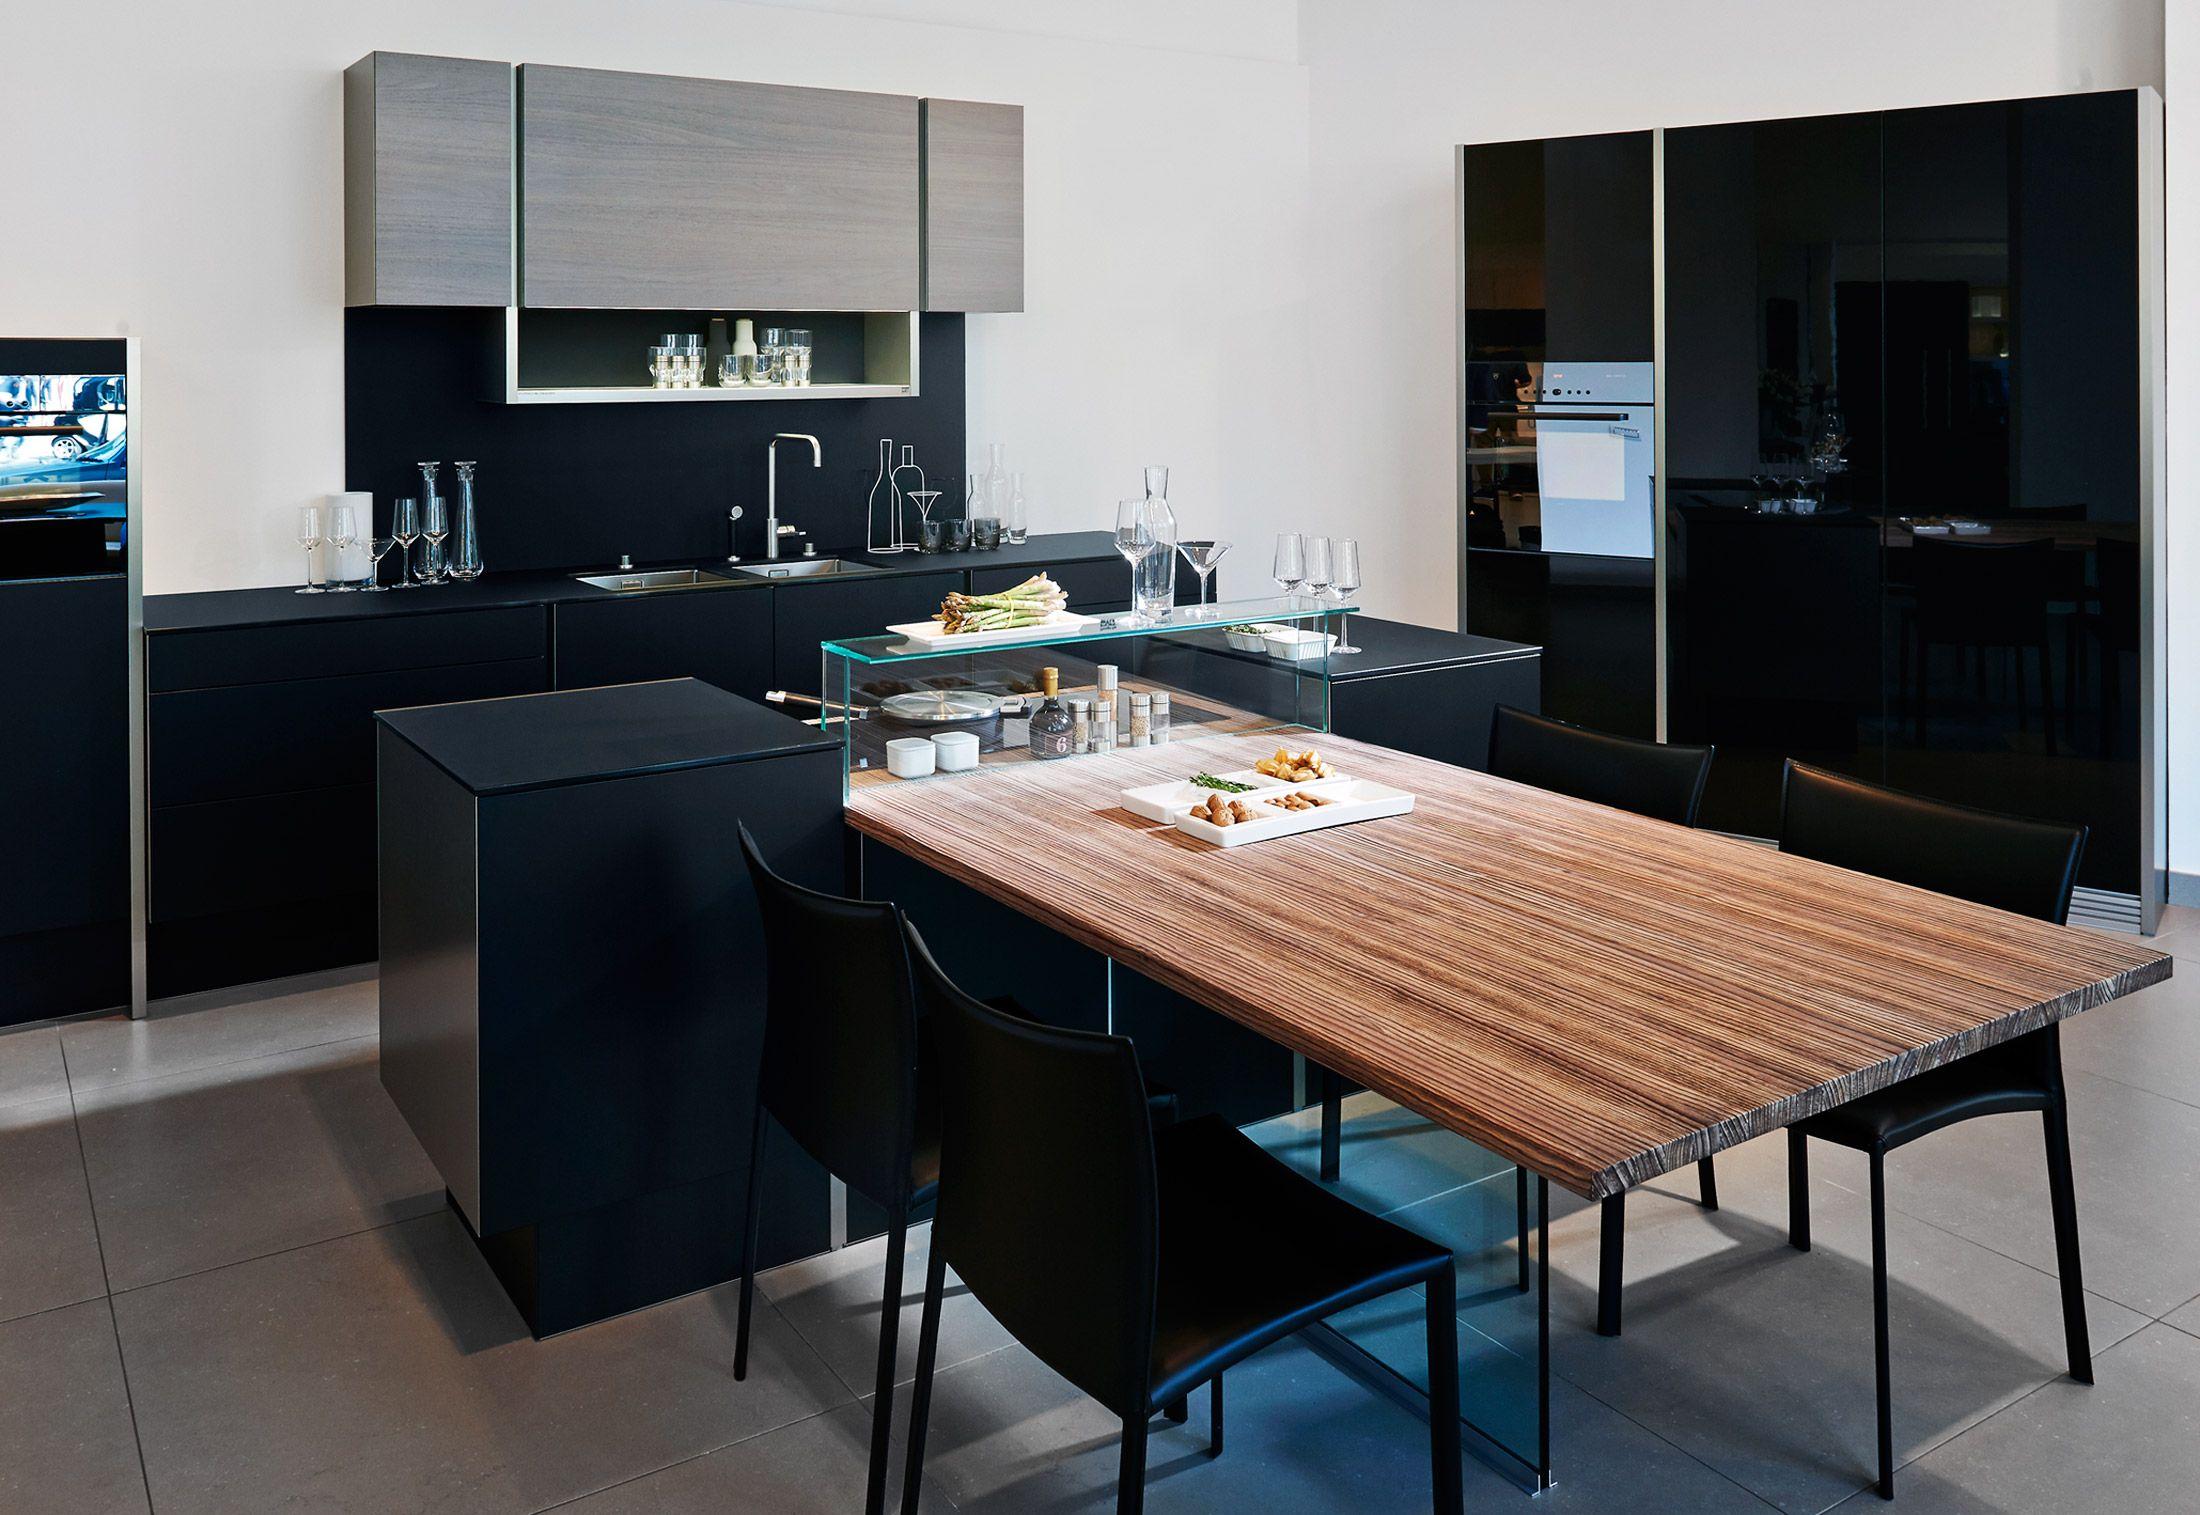 Porsche Design Keuken : Poggenpohl presenteert de eerste porsche design keuken